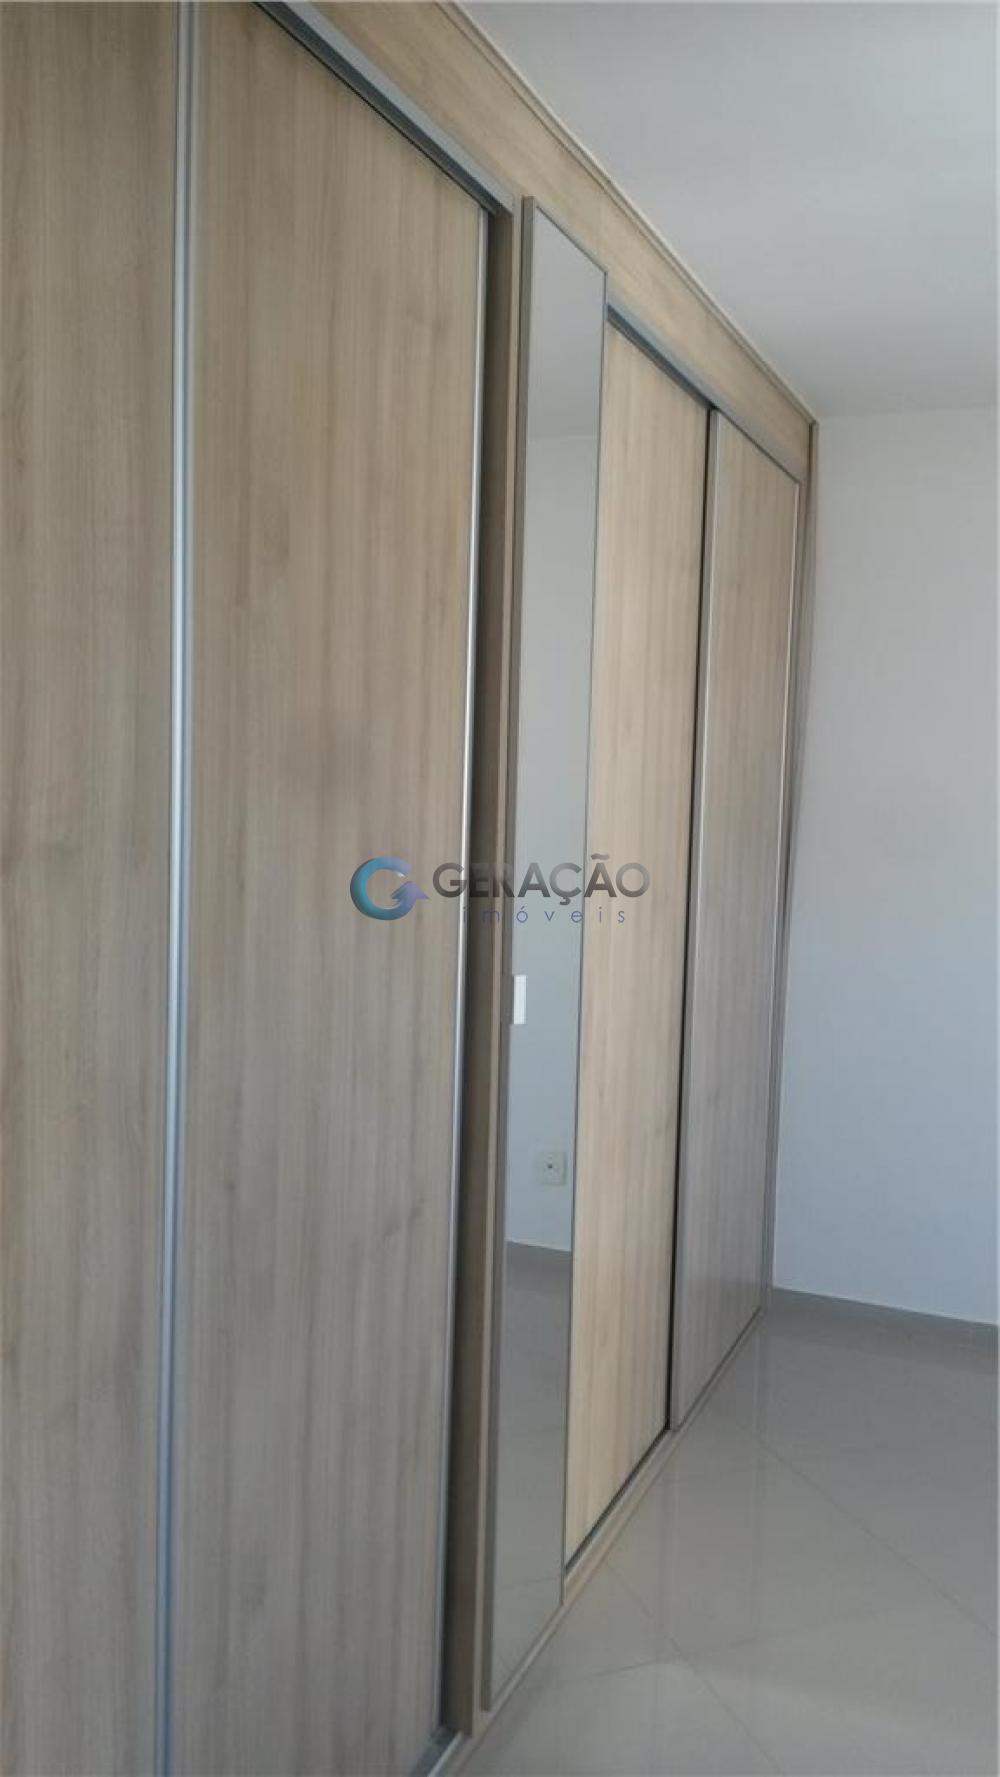 Alugar Apartamento / Padrão em São José dos Campos apenas R$ 3.200,00 - Foto 3